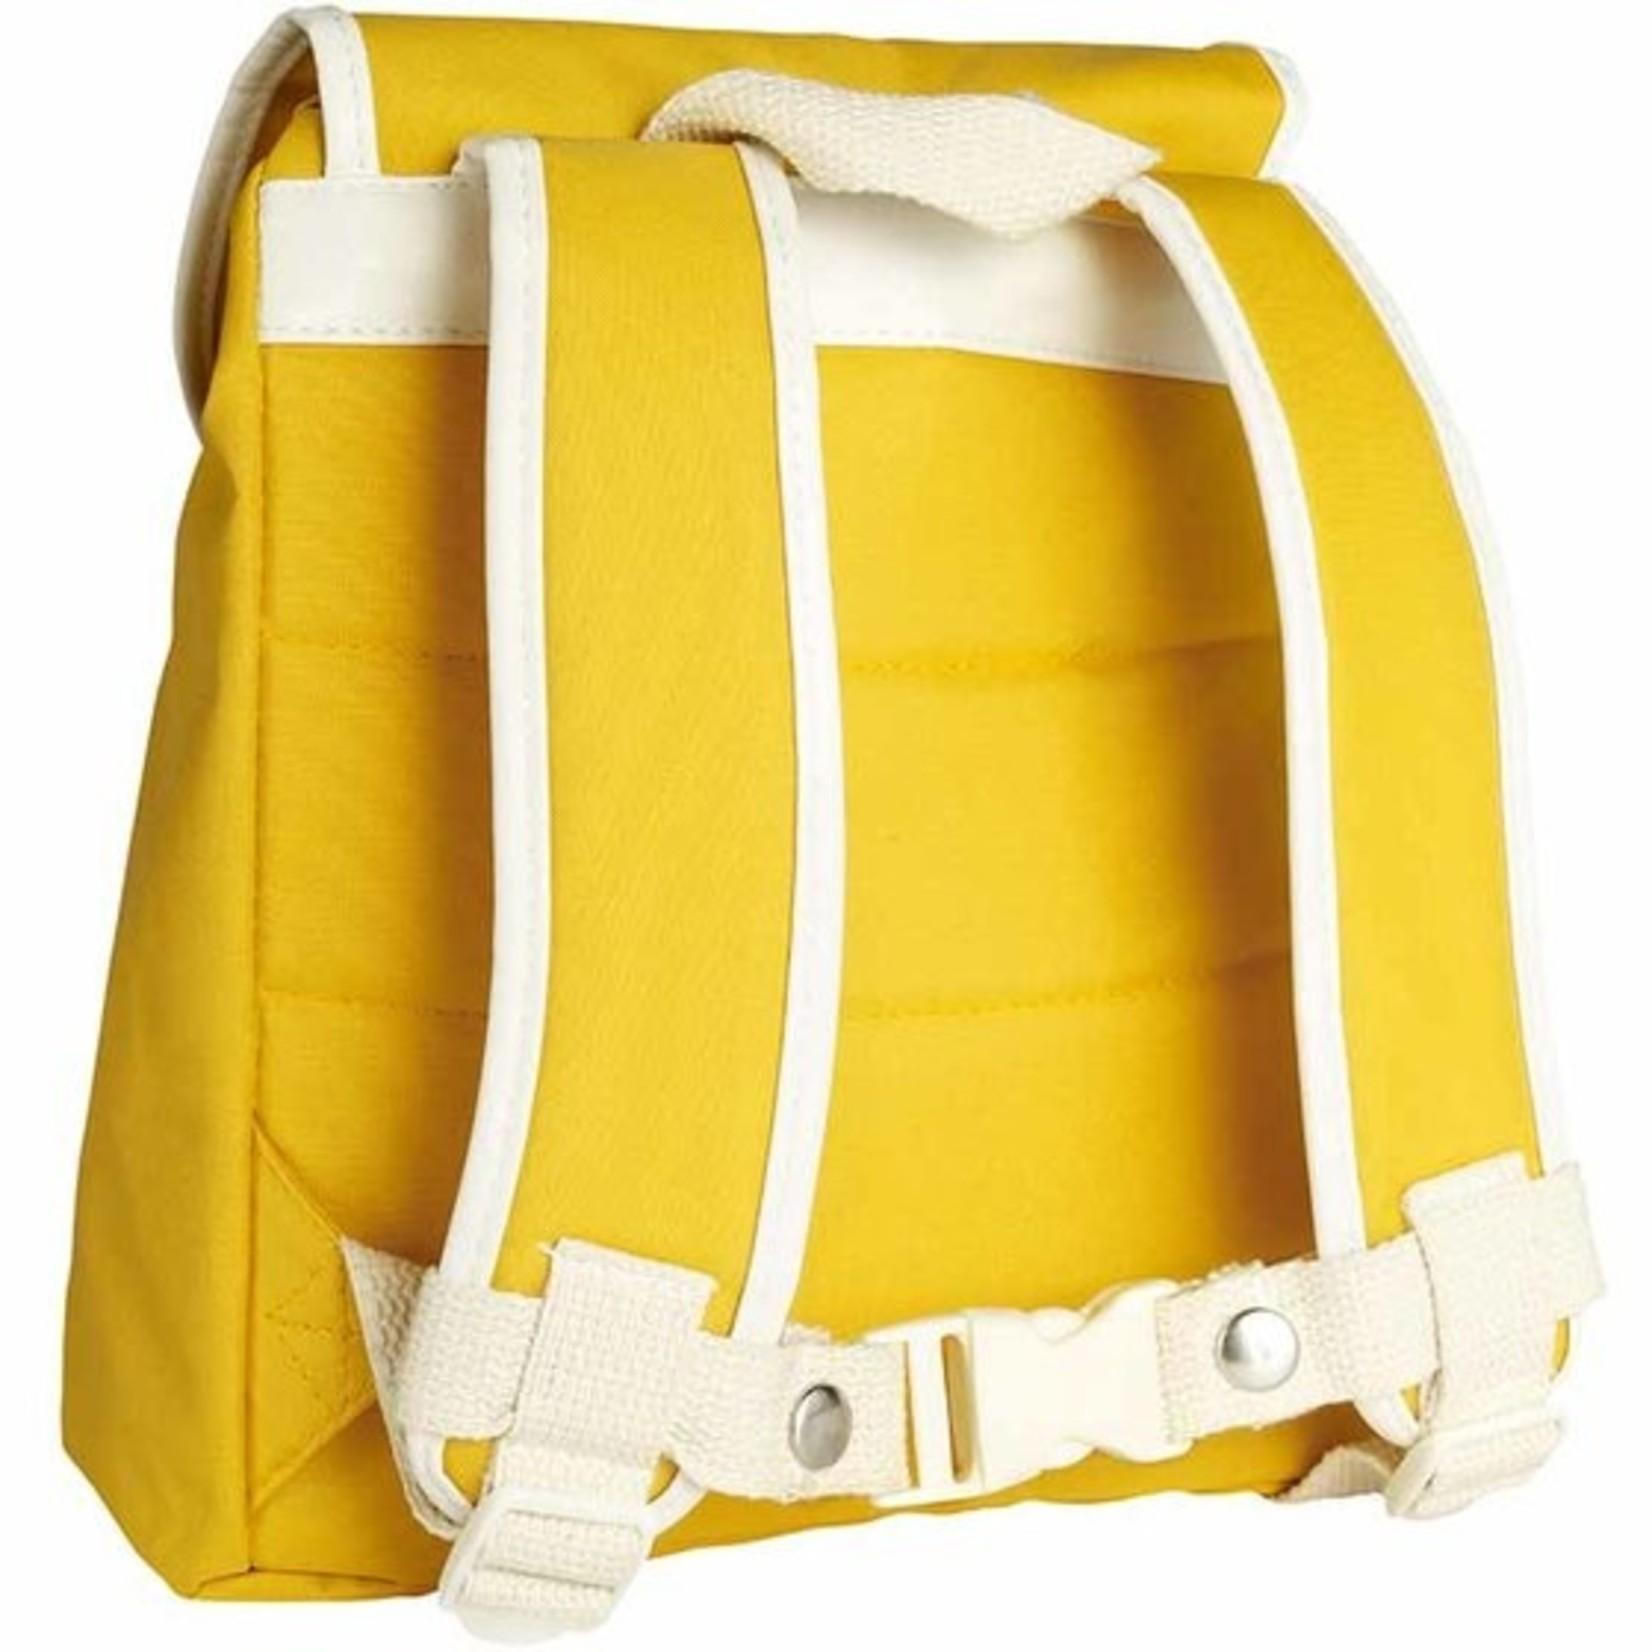 BLAFRE Kindergartenrucksack von Blafre in Gelb | 1-4 Jahre